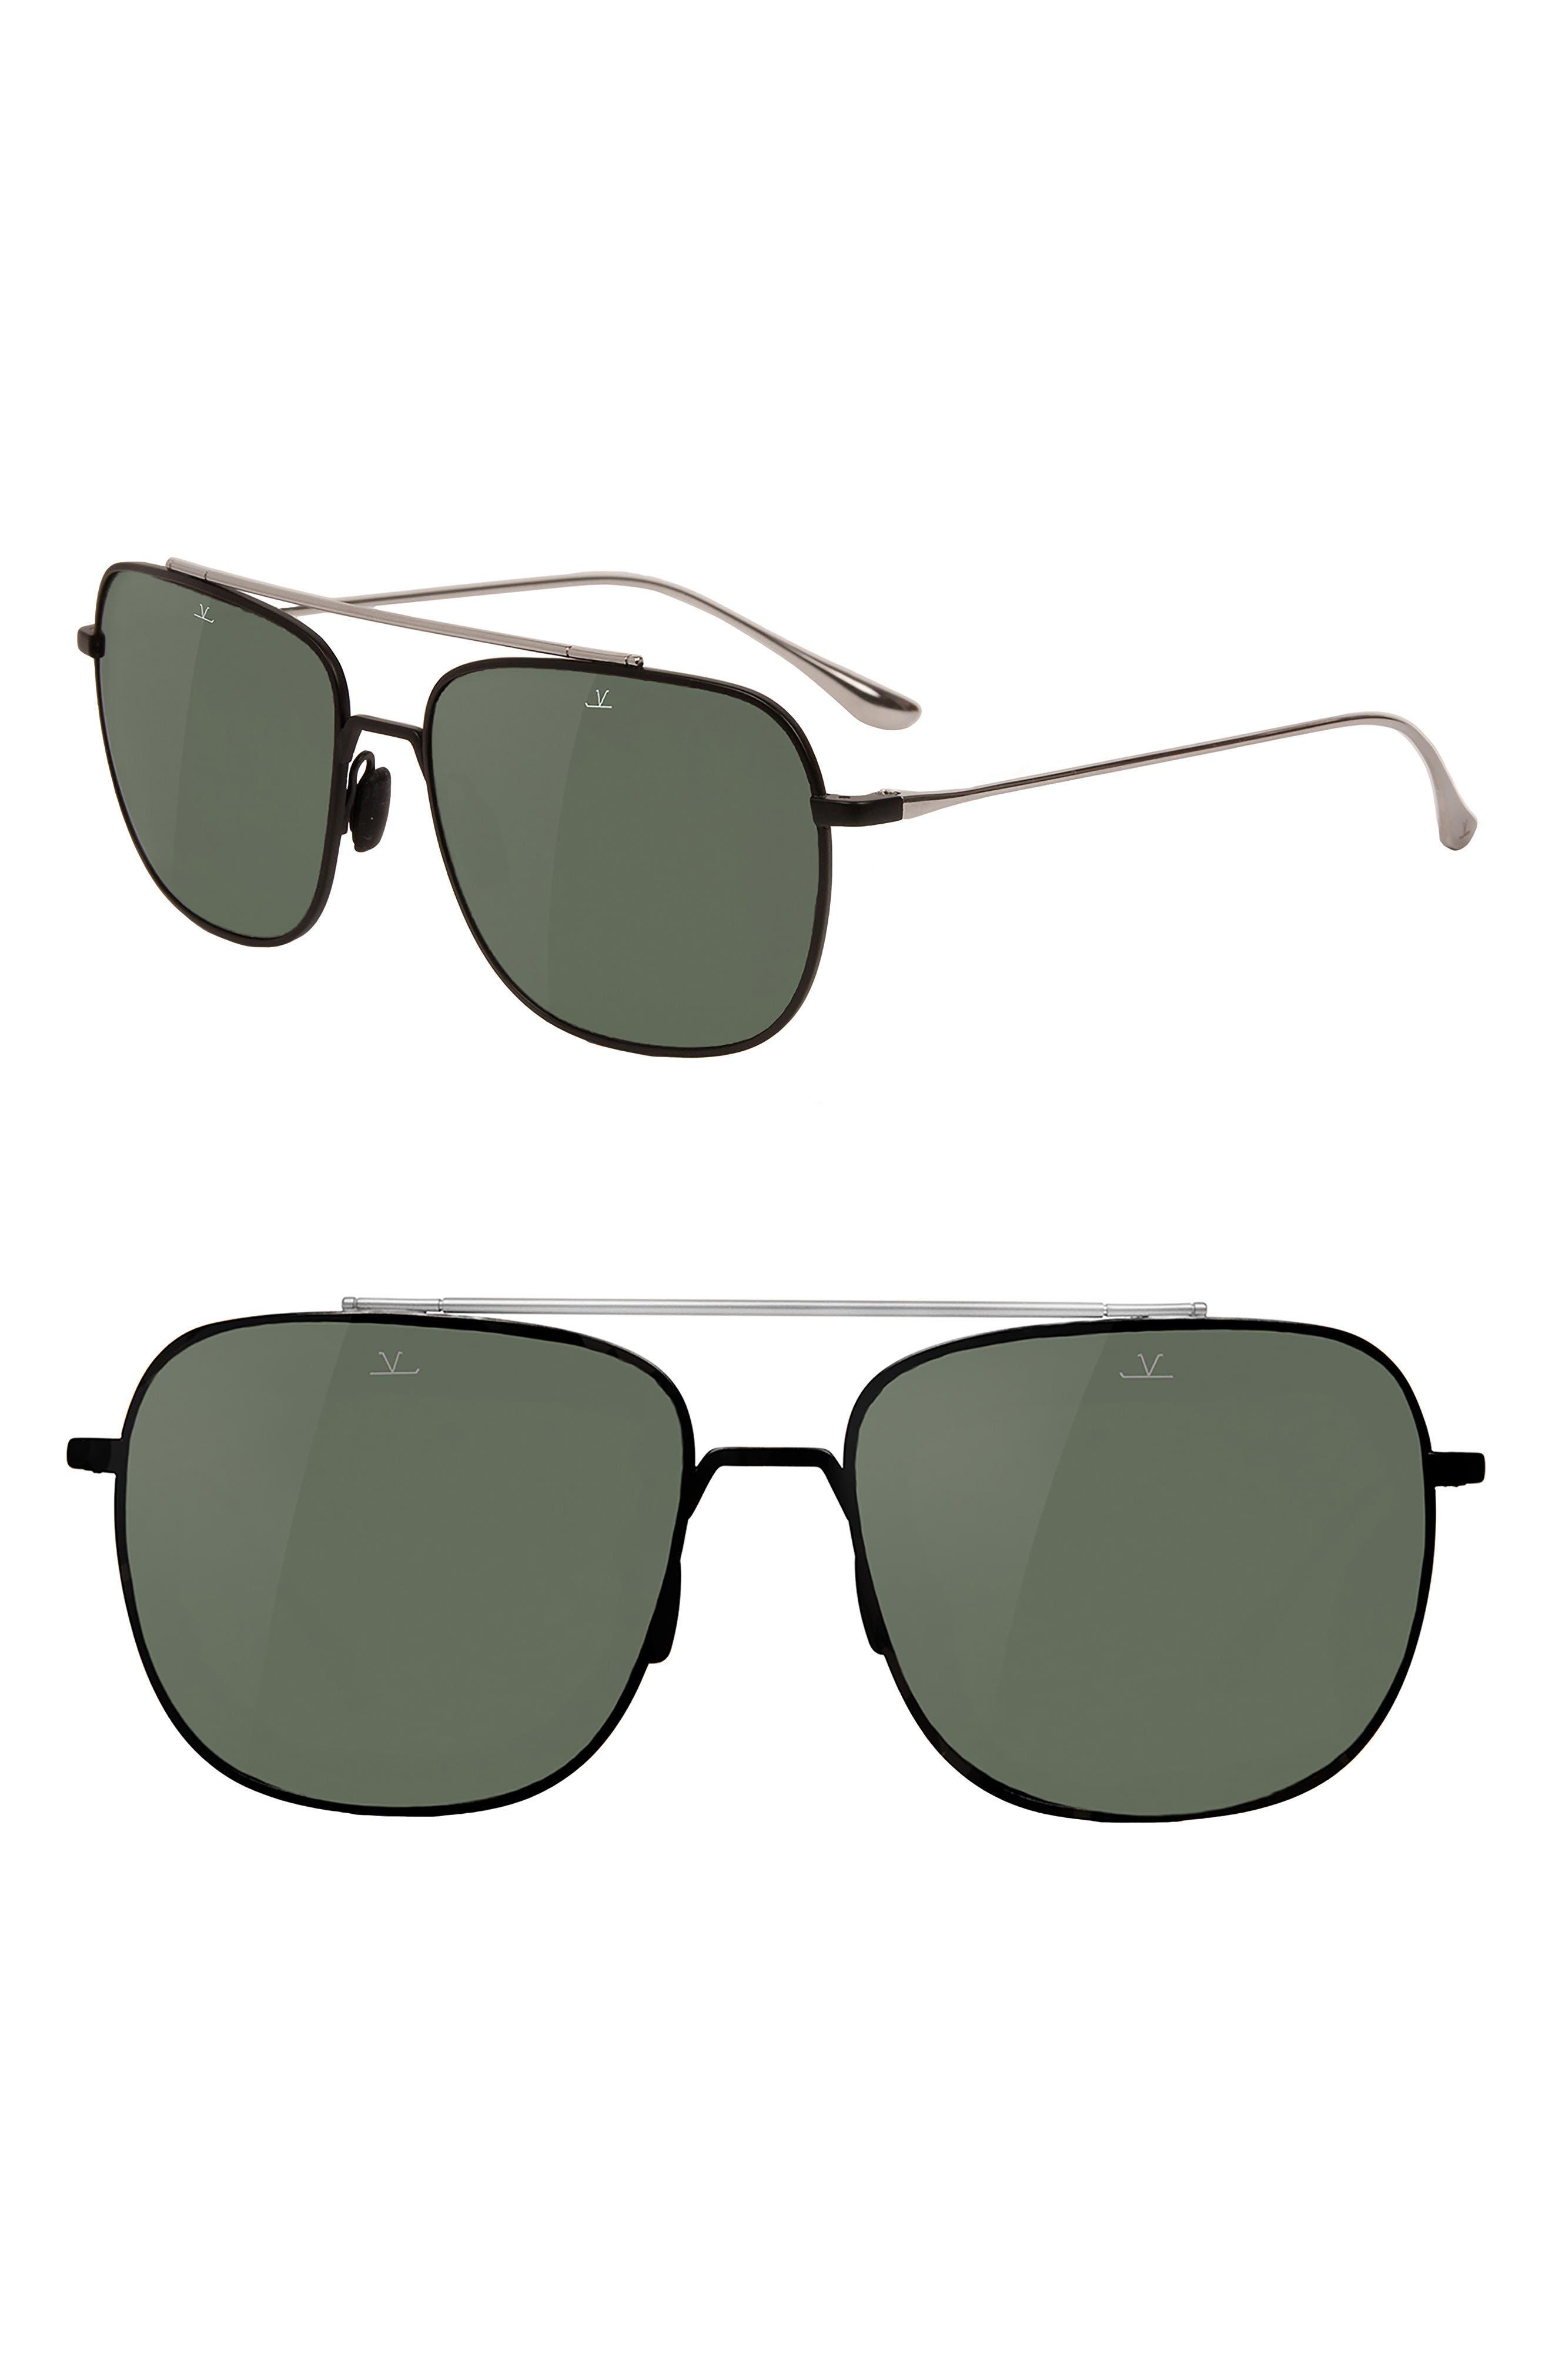 Alternate Image 1 Selected - Vuarnet Swing 58mm Polarized Navigator Sunglasses